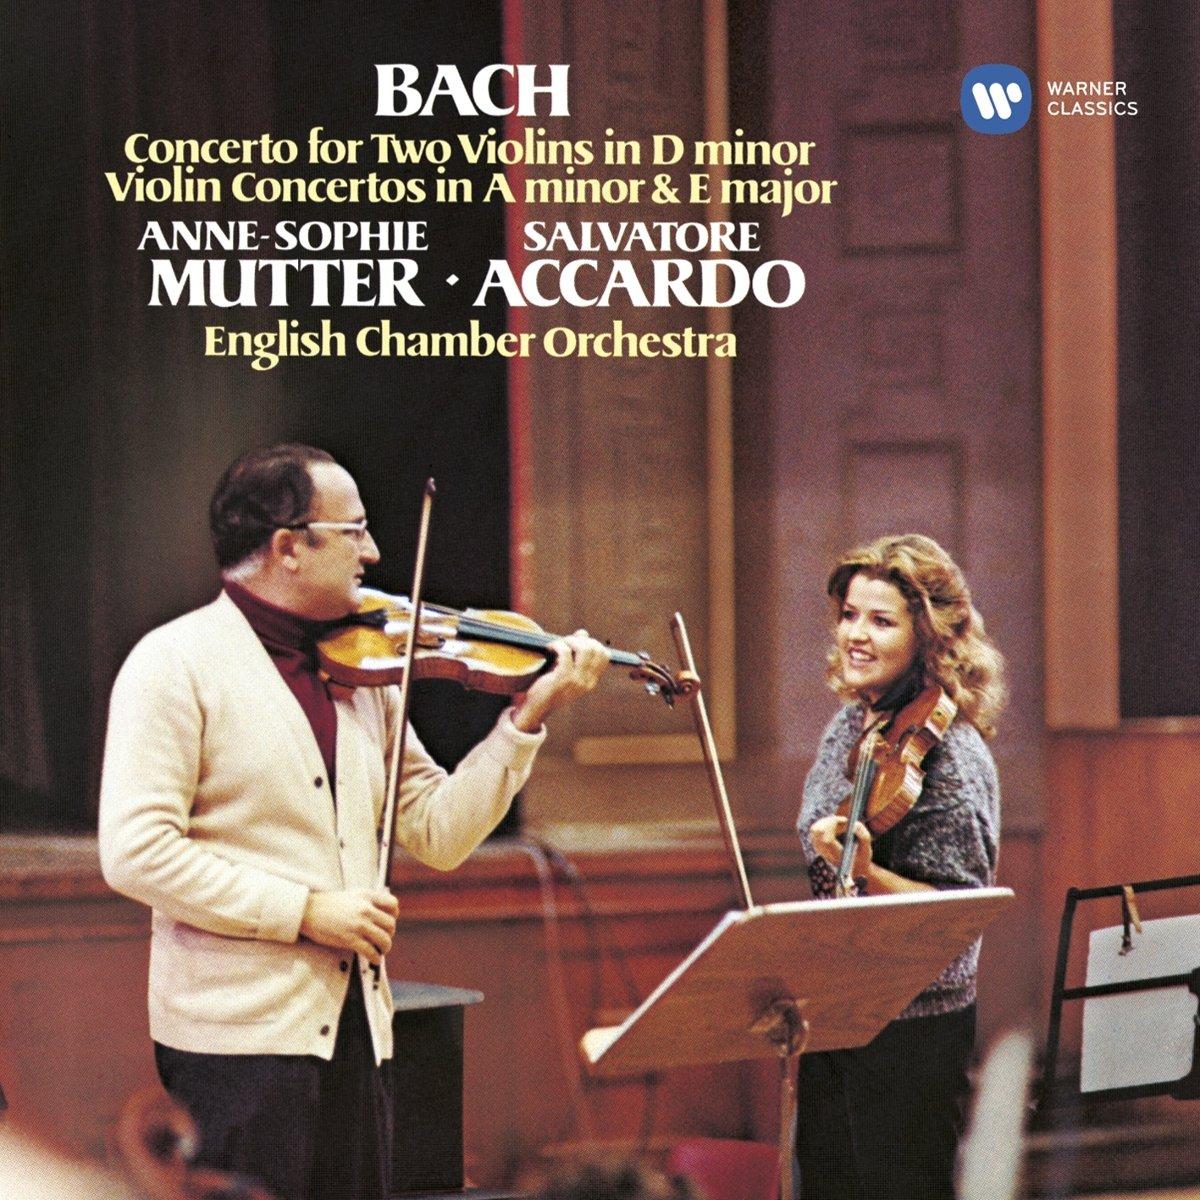 CD : Salvatore Accardo - Violin Concertos (CD)